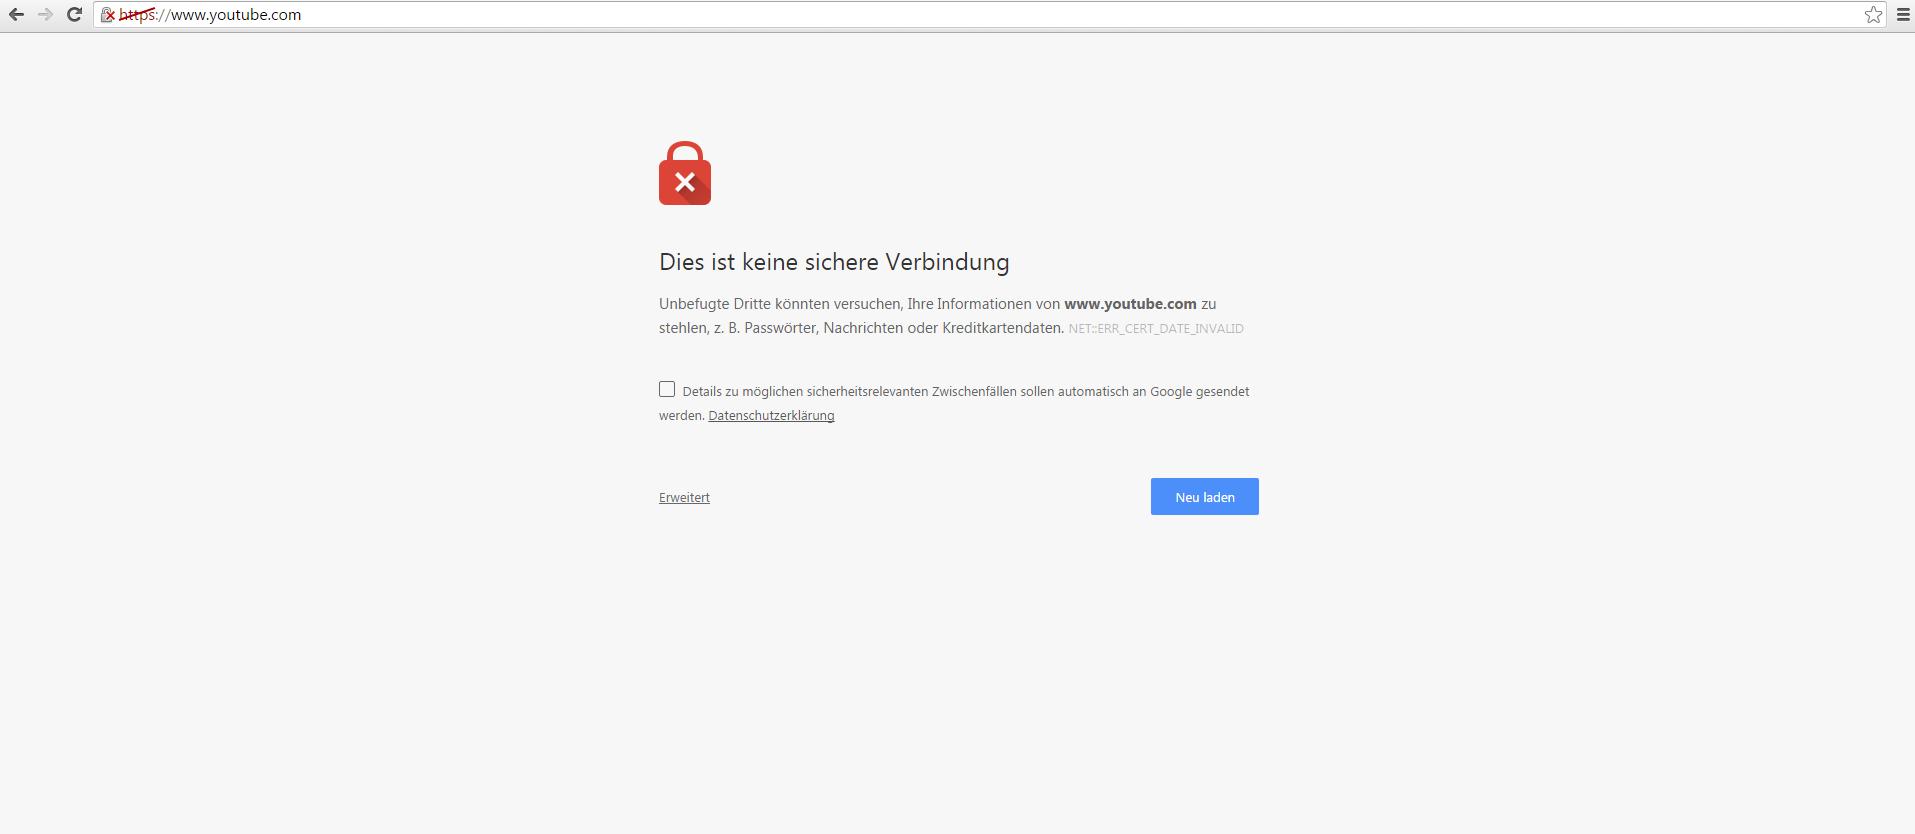 Youtube Hängt Chrome